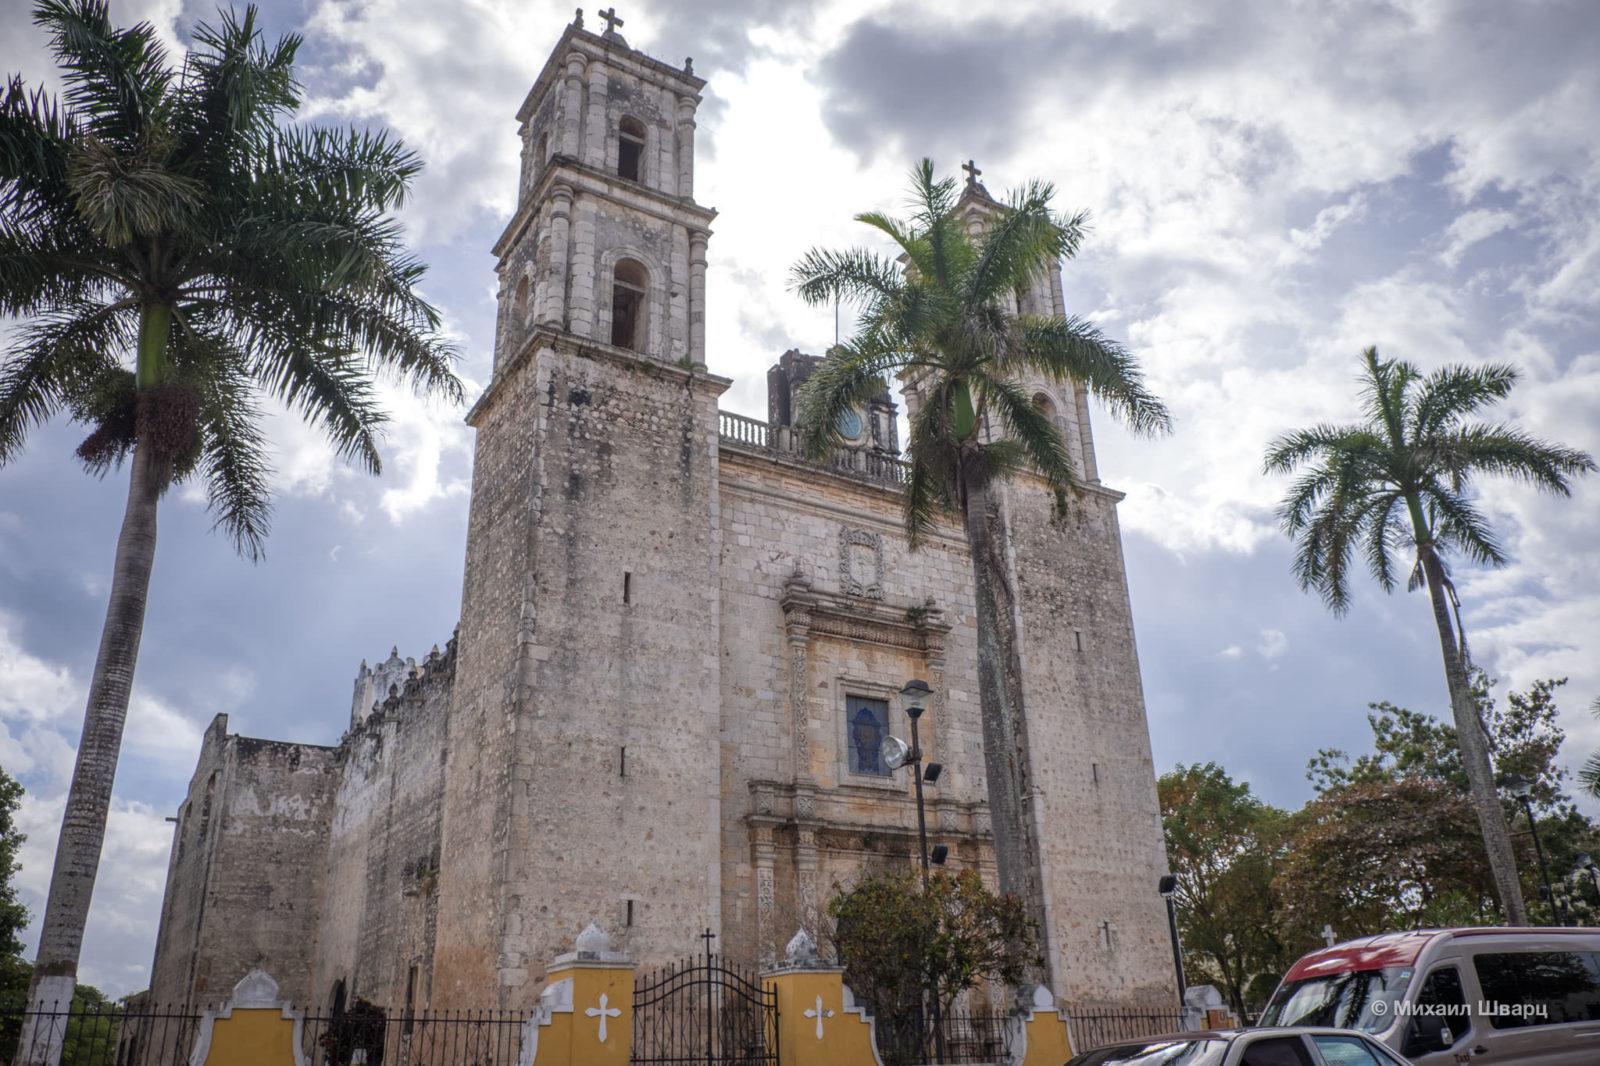 Кафедральный собор (Cathedral of San Gervasio)